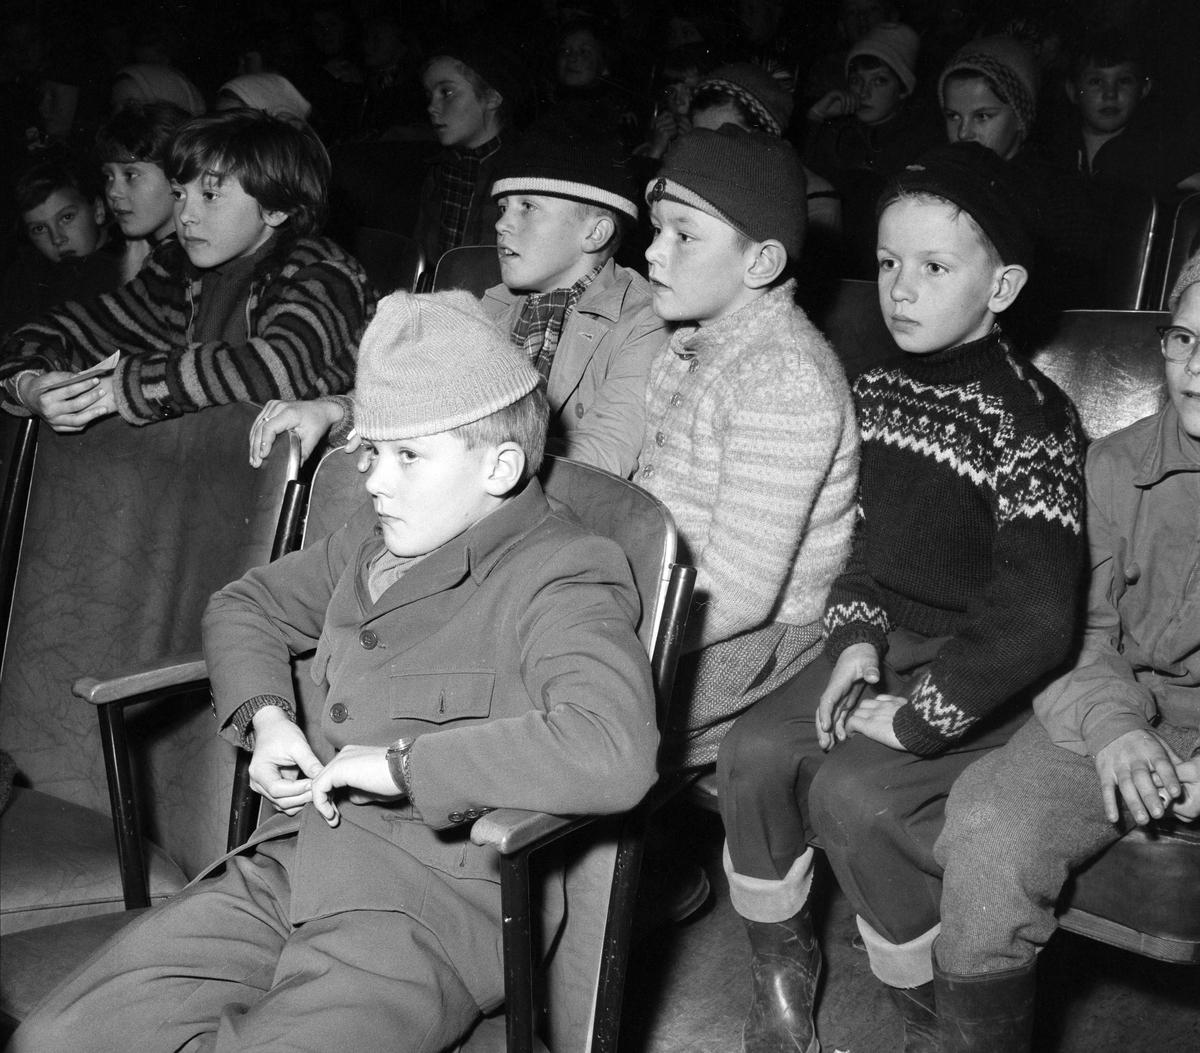 Spill-selv-uken med barnekonserter i Sentrum kino